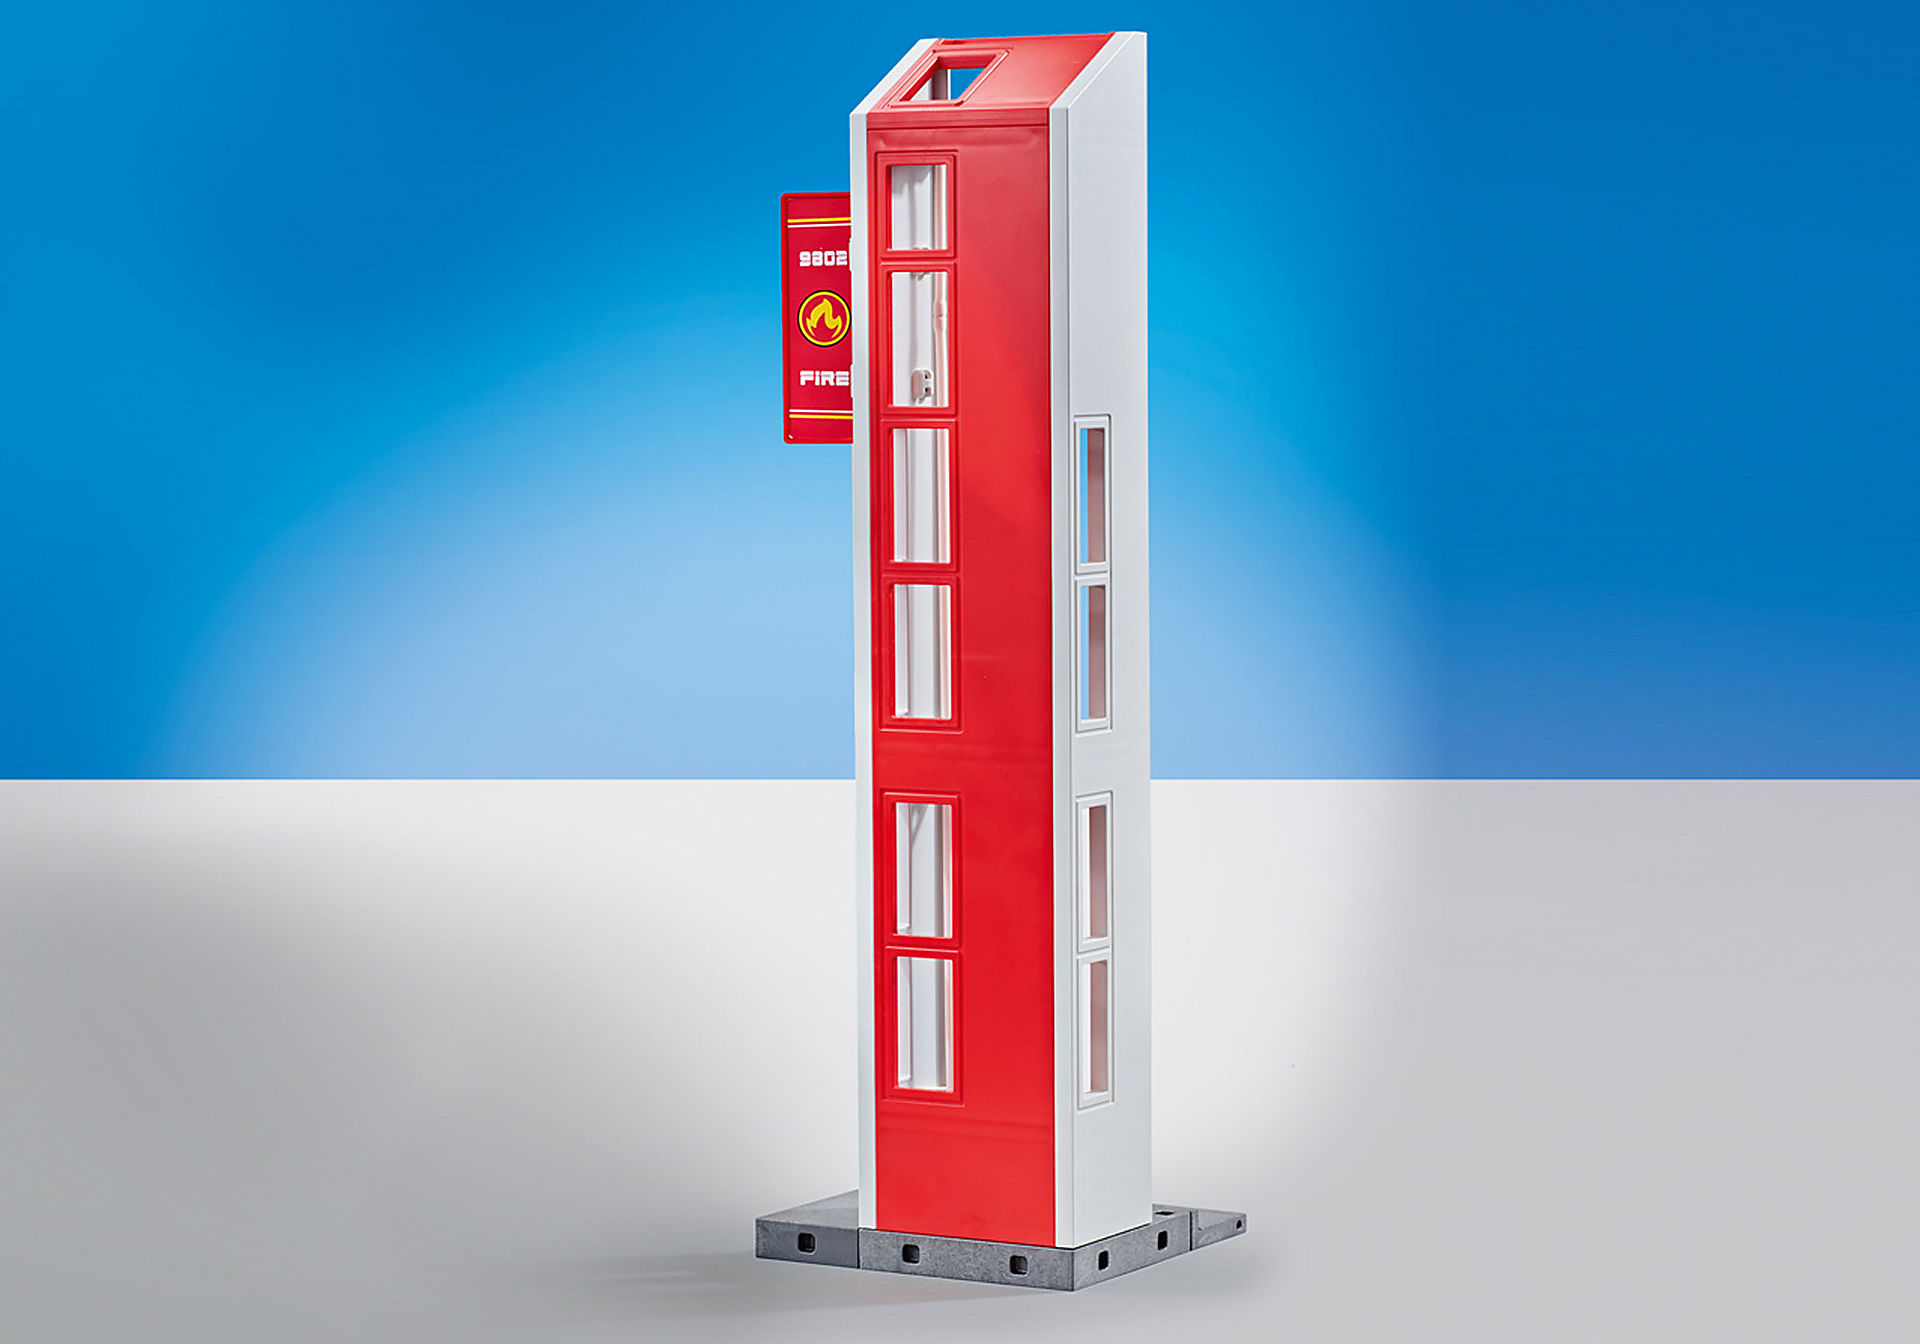 http://media.playmobil.com/i/playmobil/9802_product_detail/Πύργος Μεγάλου Πυροσβεστικού Σταθμού (9462)